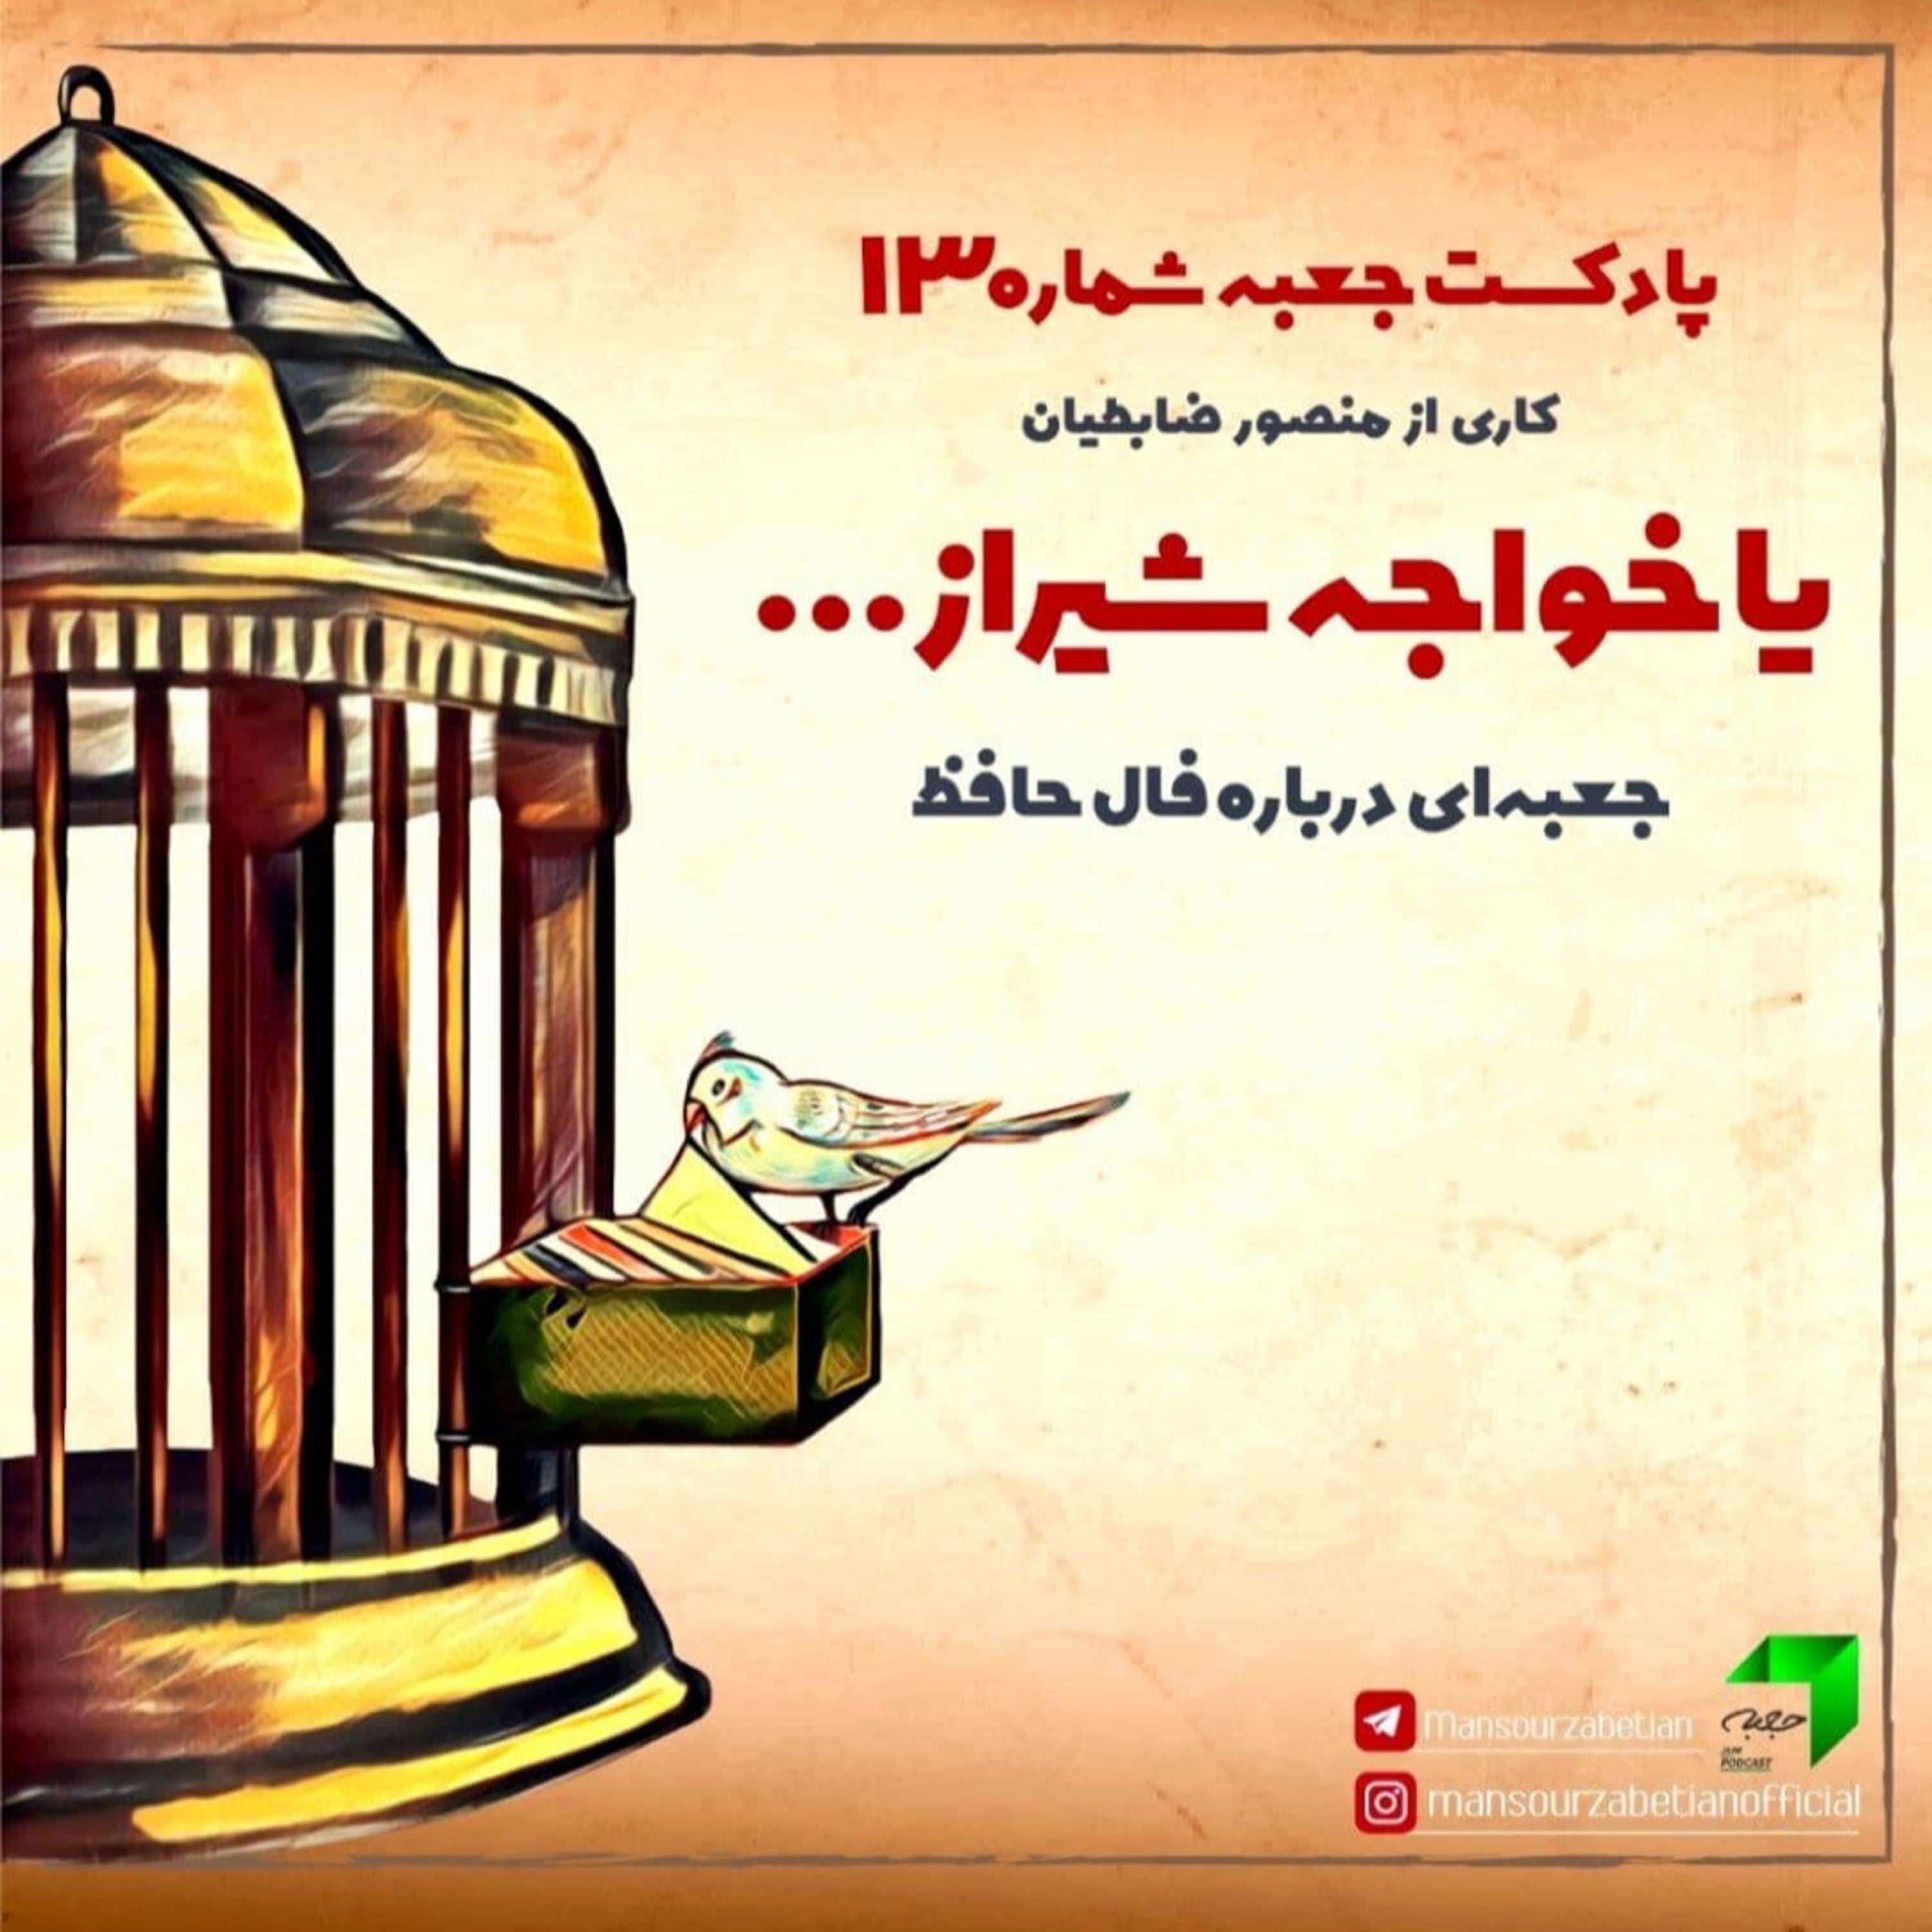 جعبهی شمارهی ۱۳؛ یا خواجهی شیراز